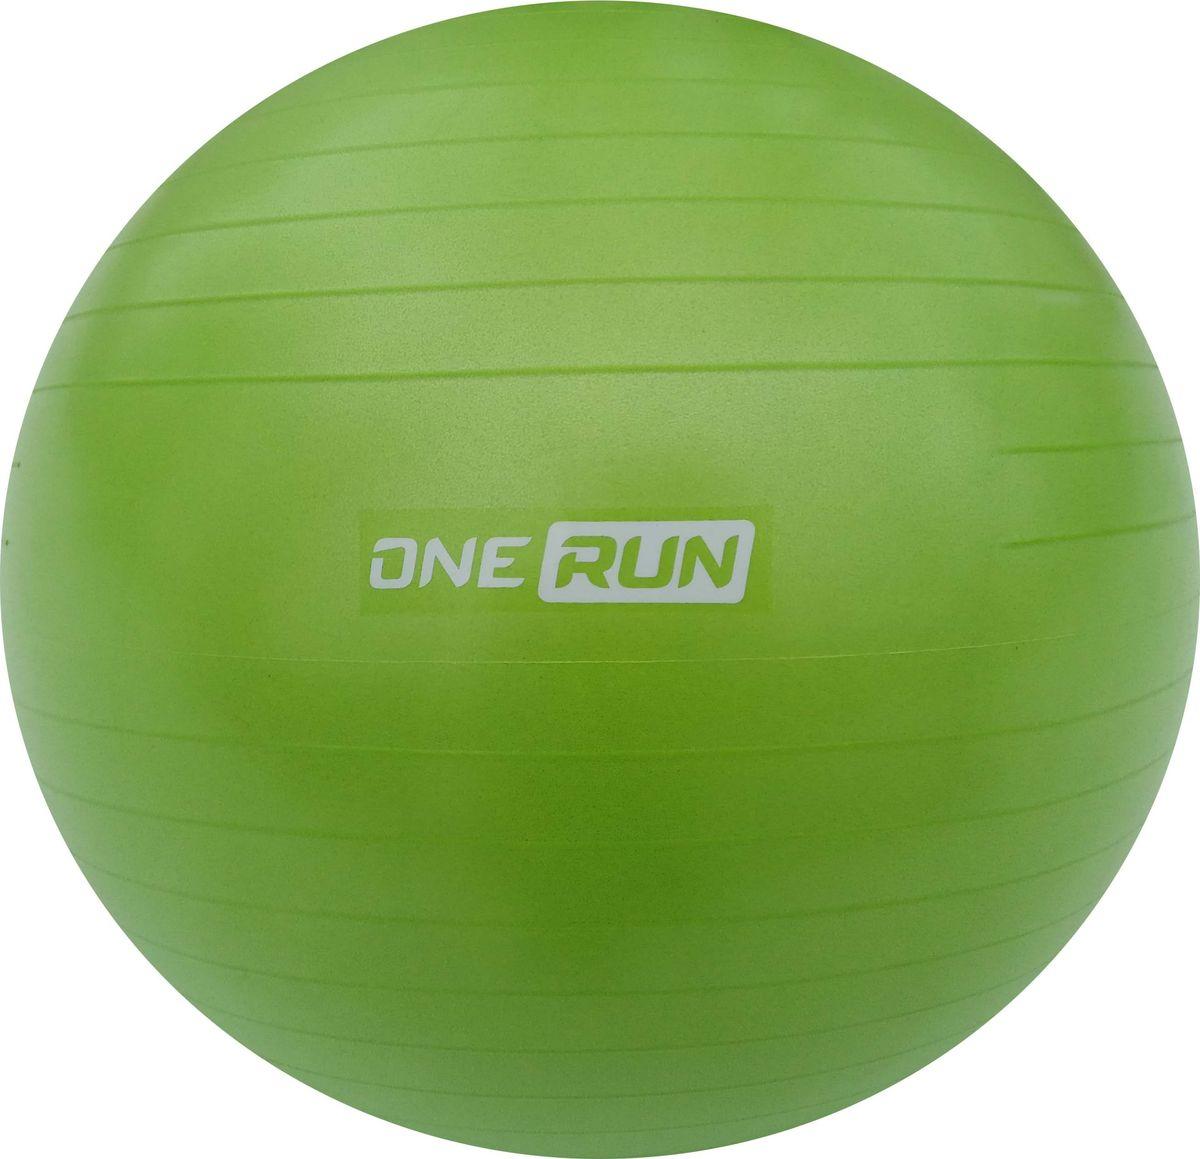 Мяч гимнастический OneRun, анти-взрыв, цвет: зеленый, 65 см гимнастический шар 65 см